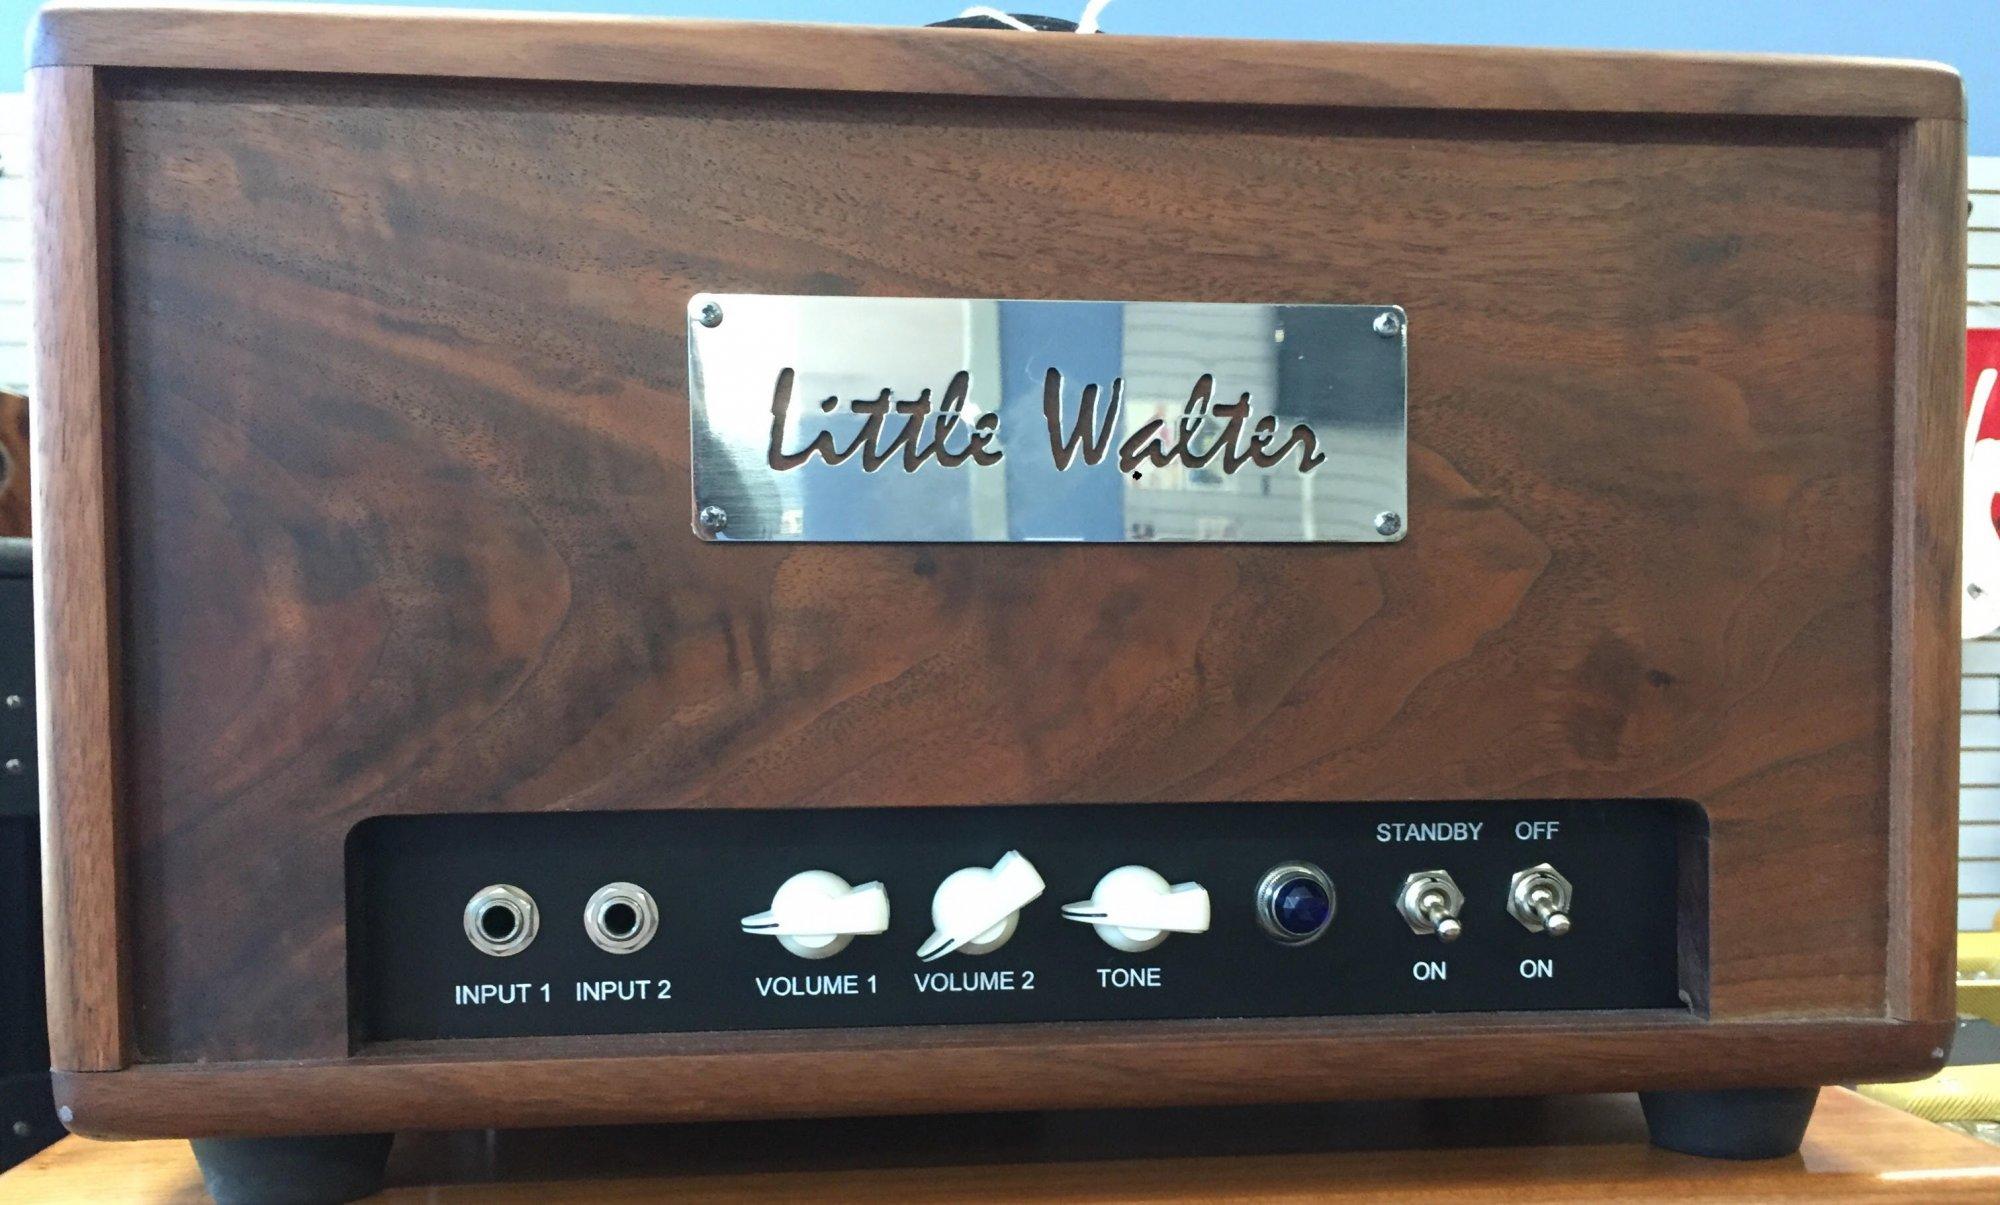 Consignment Ken Little Walter 22watt